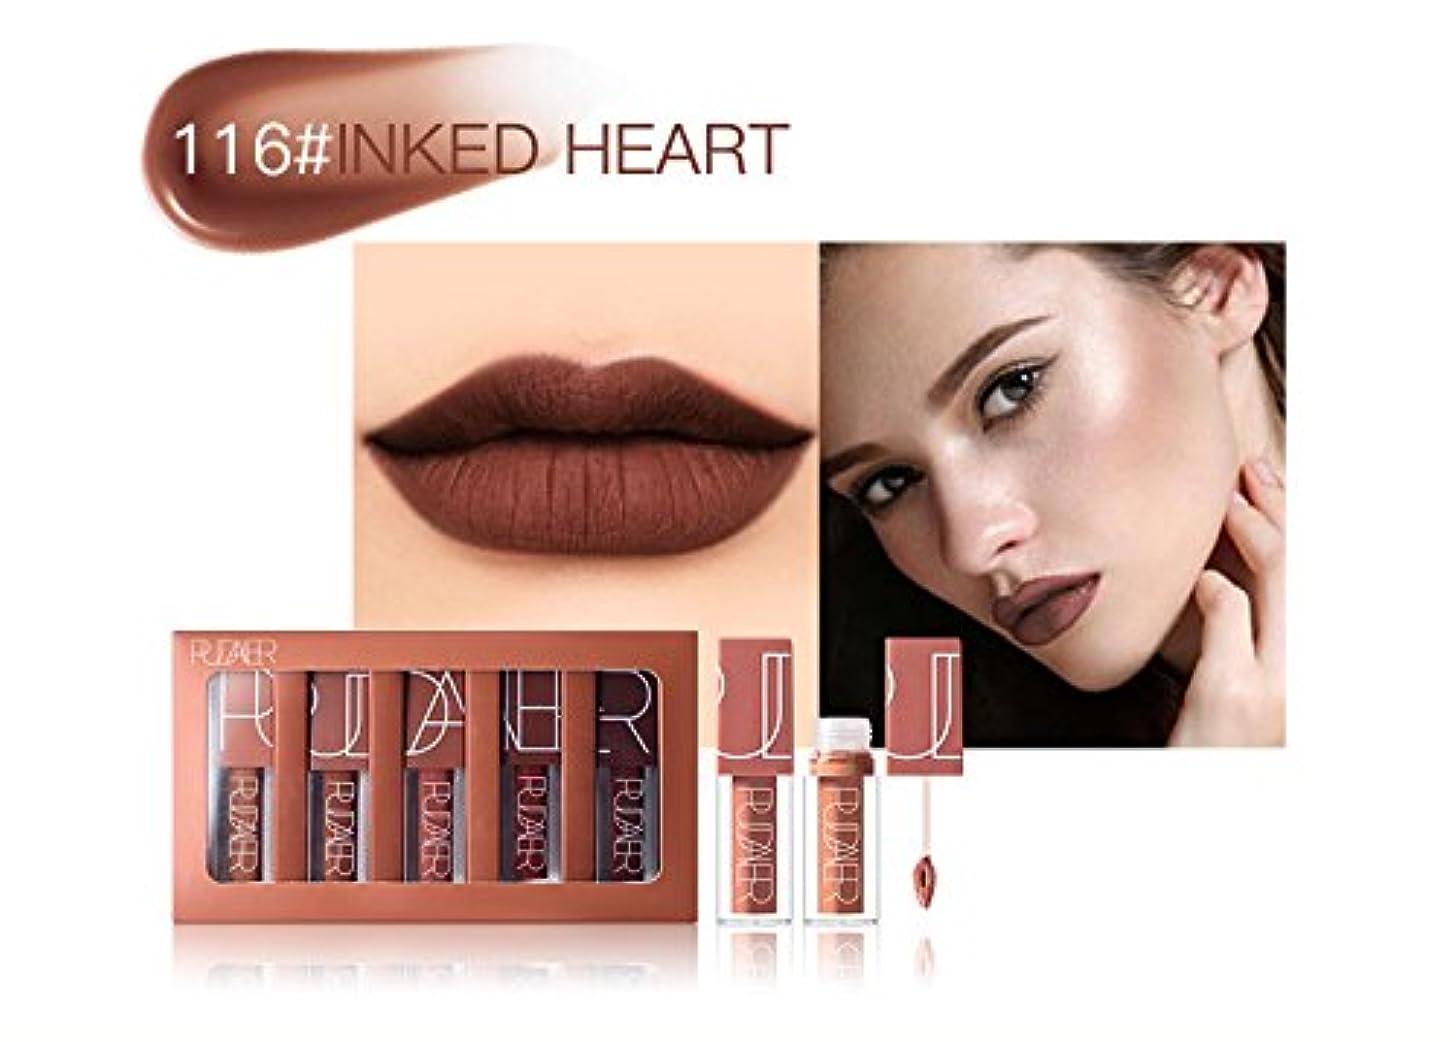 幻想非常に怒っています胃No #116 Hot Brand Long Lasting Velvet Lips Tint Liquid Lipstick Matte Beauty Cosmetics Sexy Nude Pigment Matte...